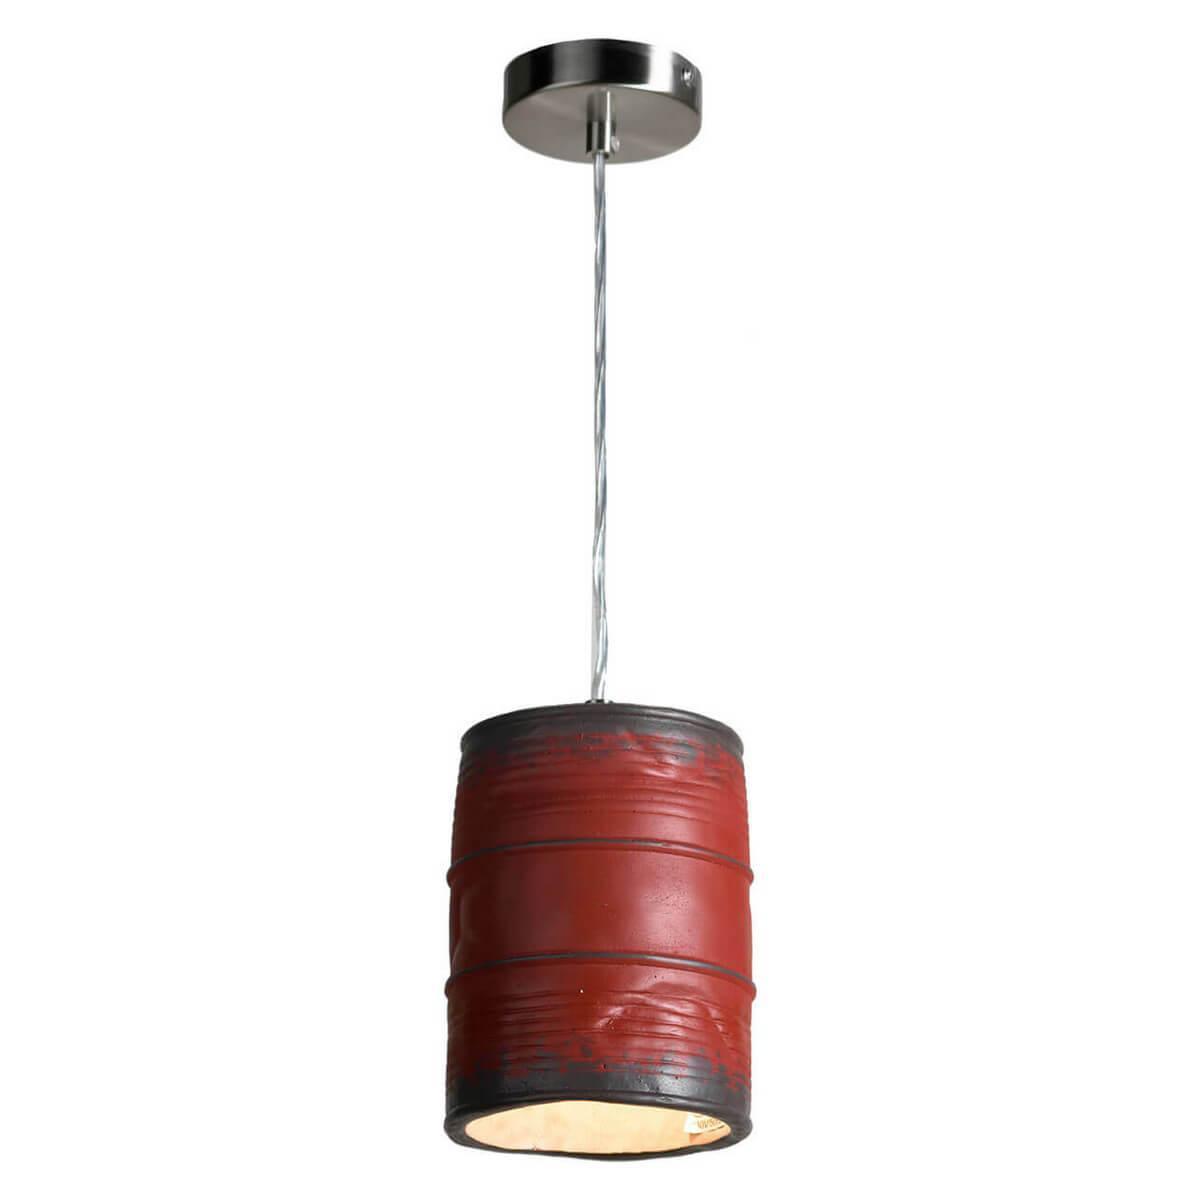 Фото - Подвесной светильник Lussole LOFT LSP-9527, E27, 40 Вт подвеcной светильник lussole loft lsp 9697